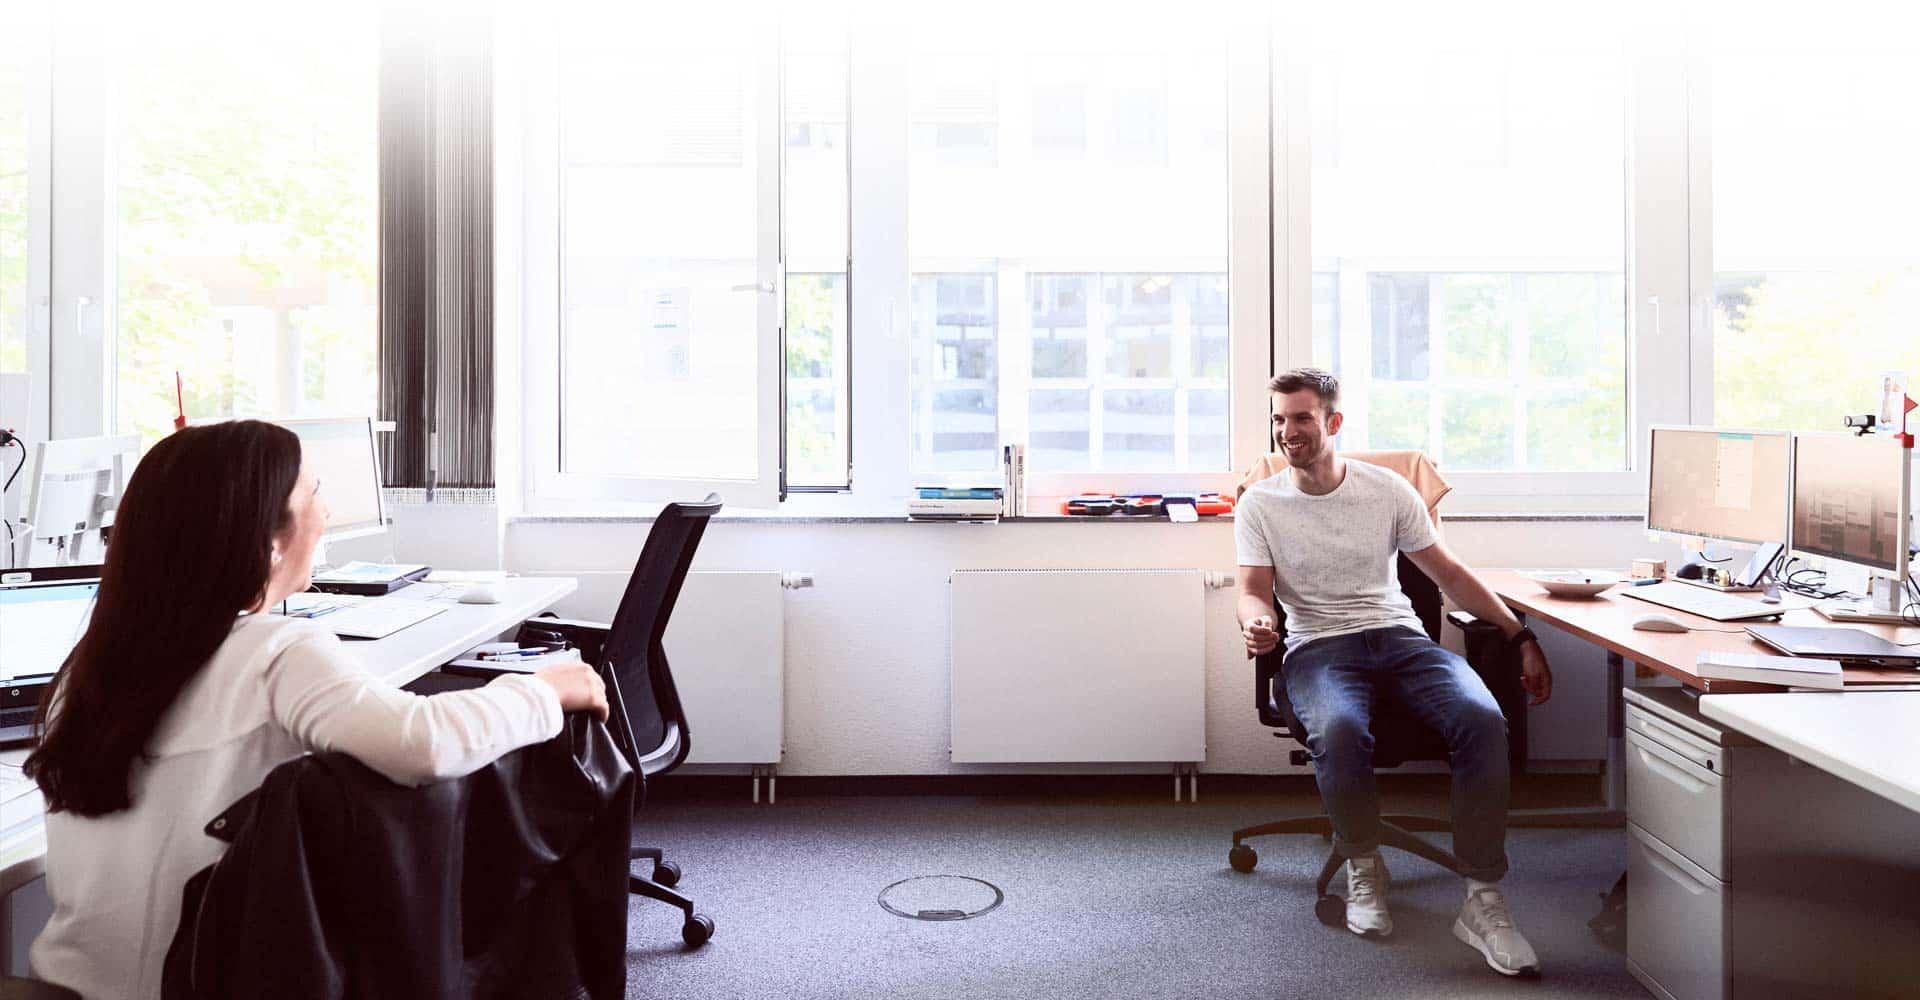 Mann und Frau unterhalten sich im Büro